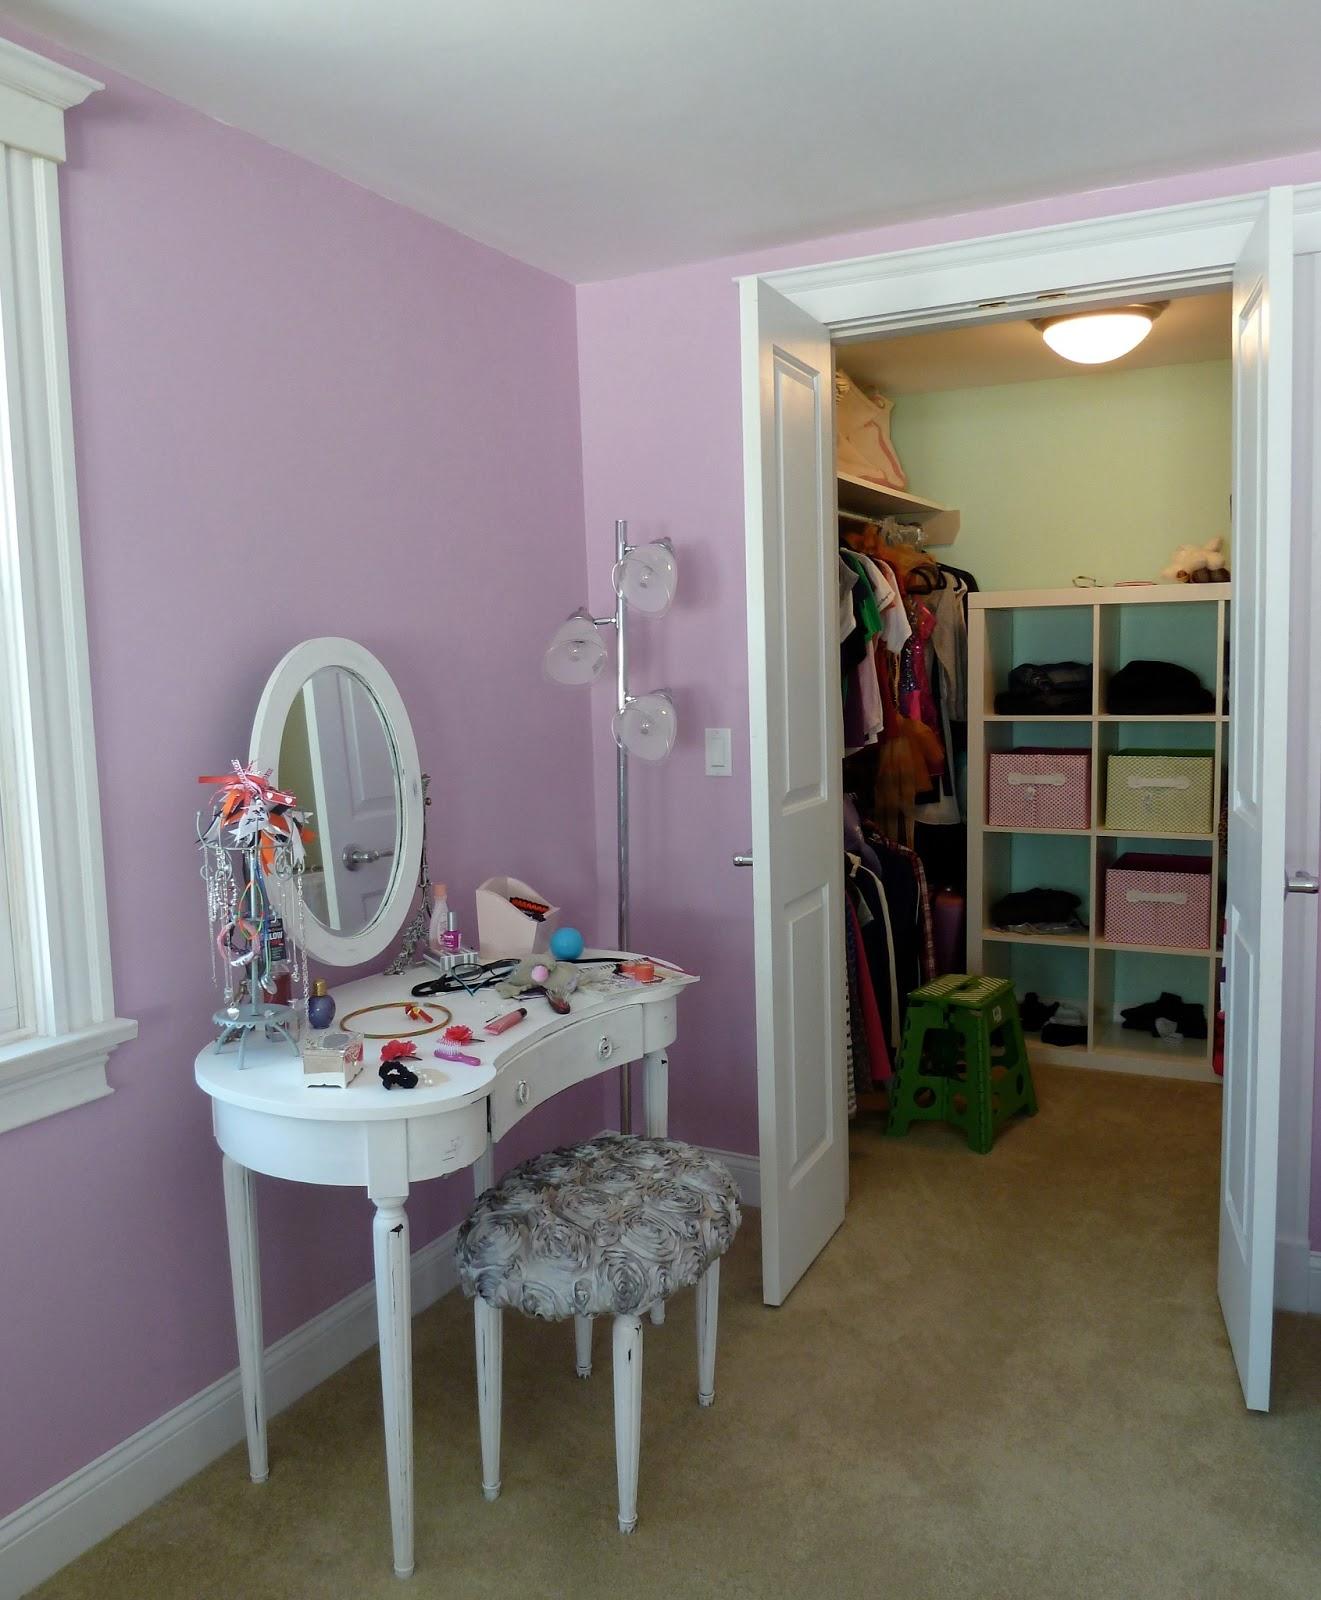 Design Vignettes: Choosing paint colors: girls rooms